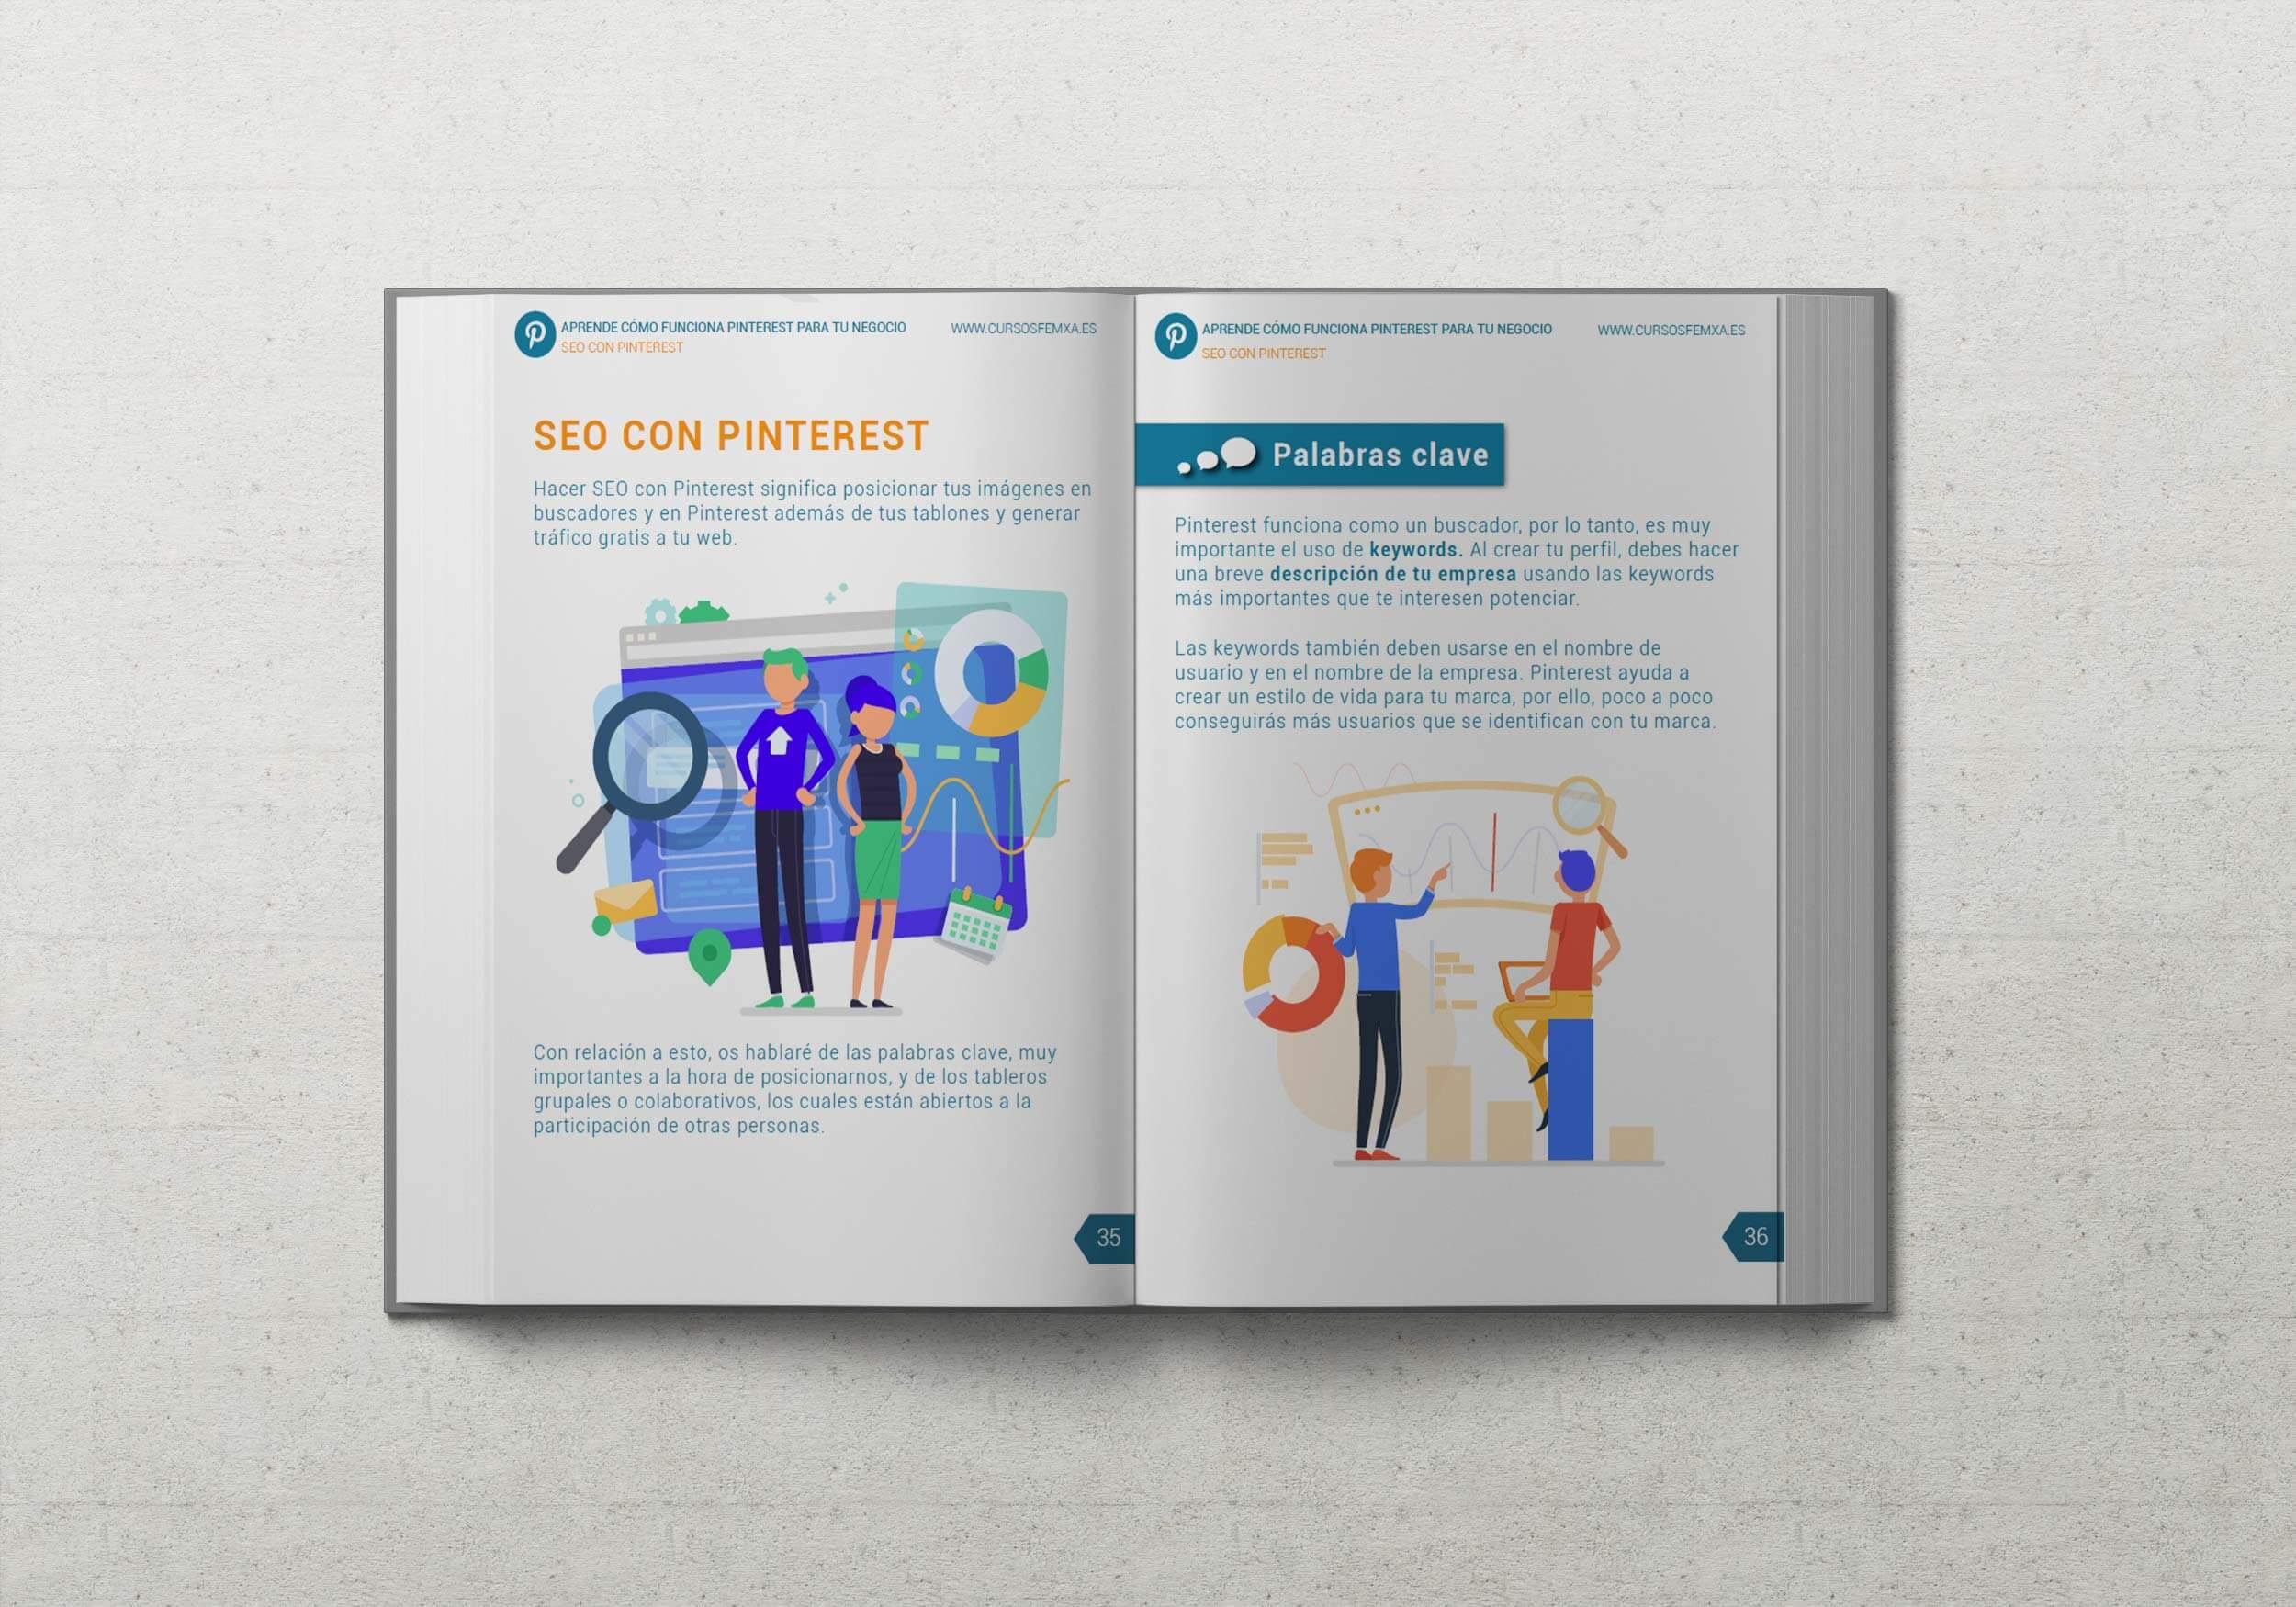 ebook aprende como funciona Pinterest para tu negocio